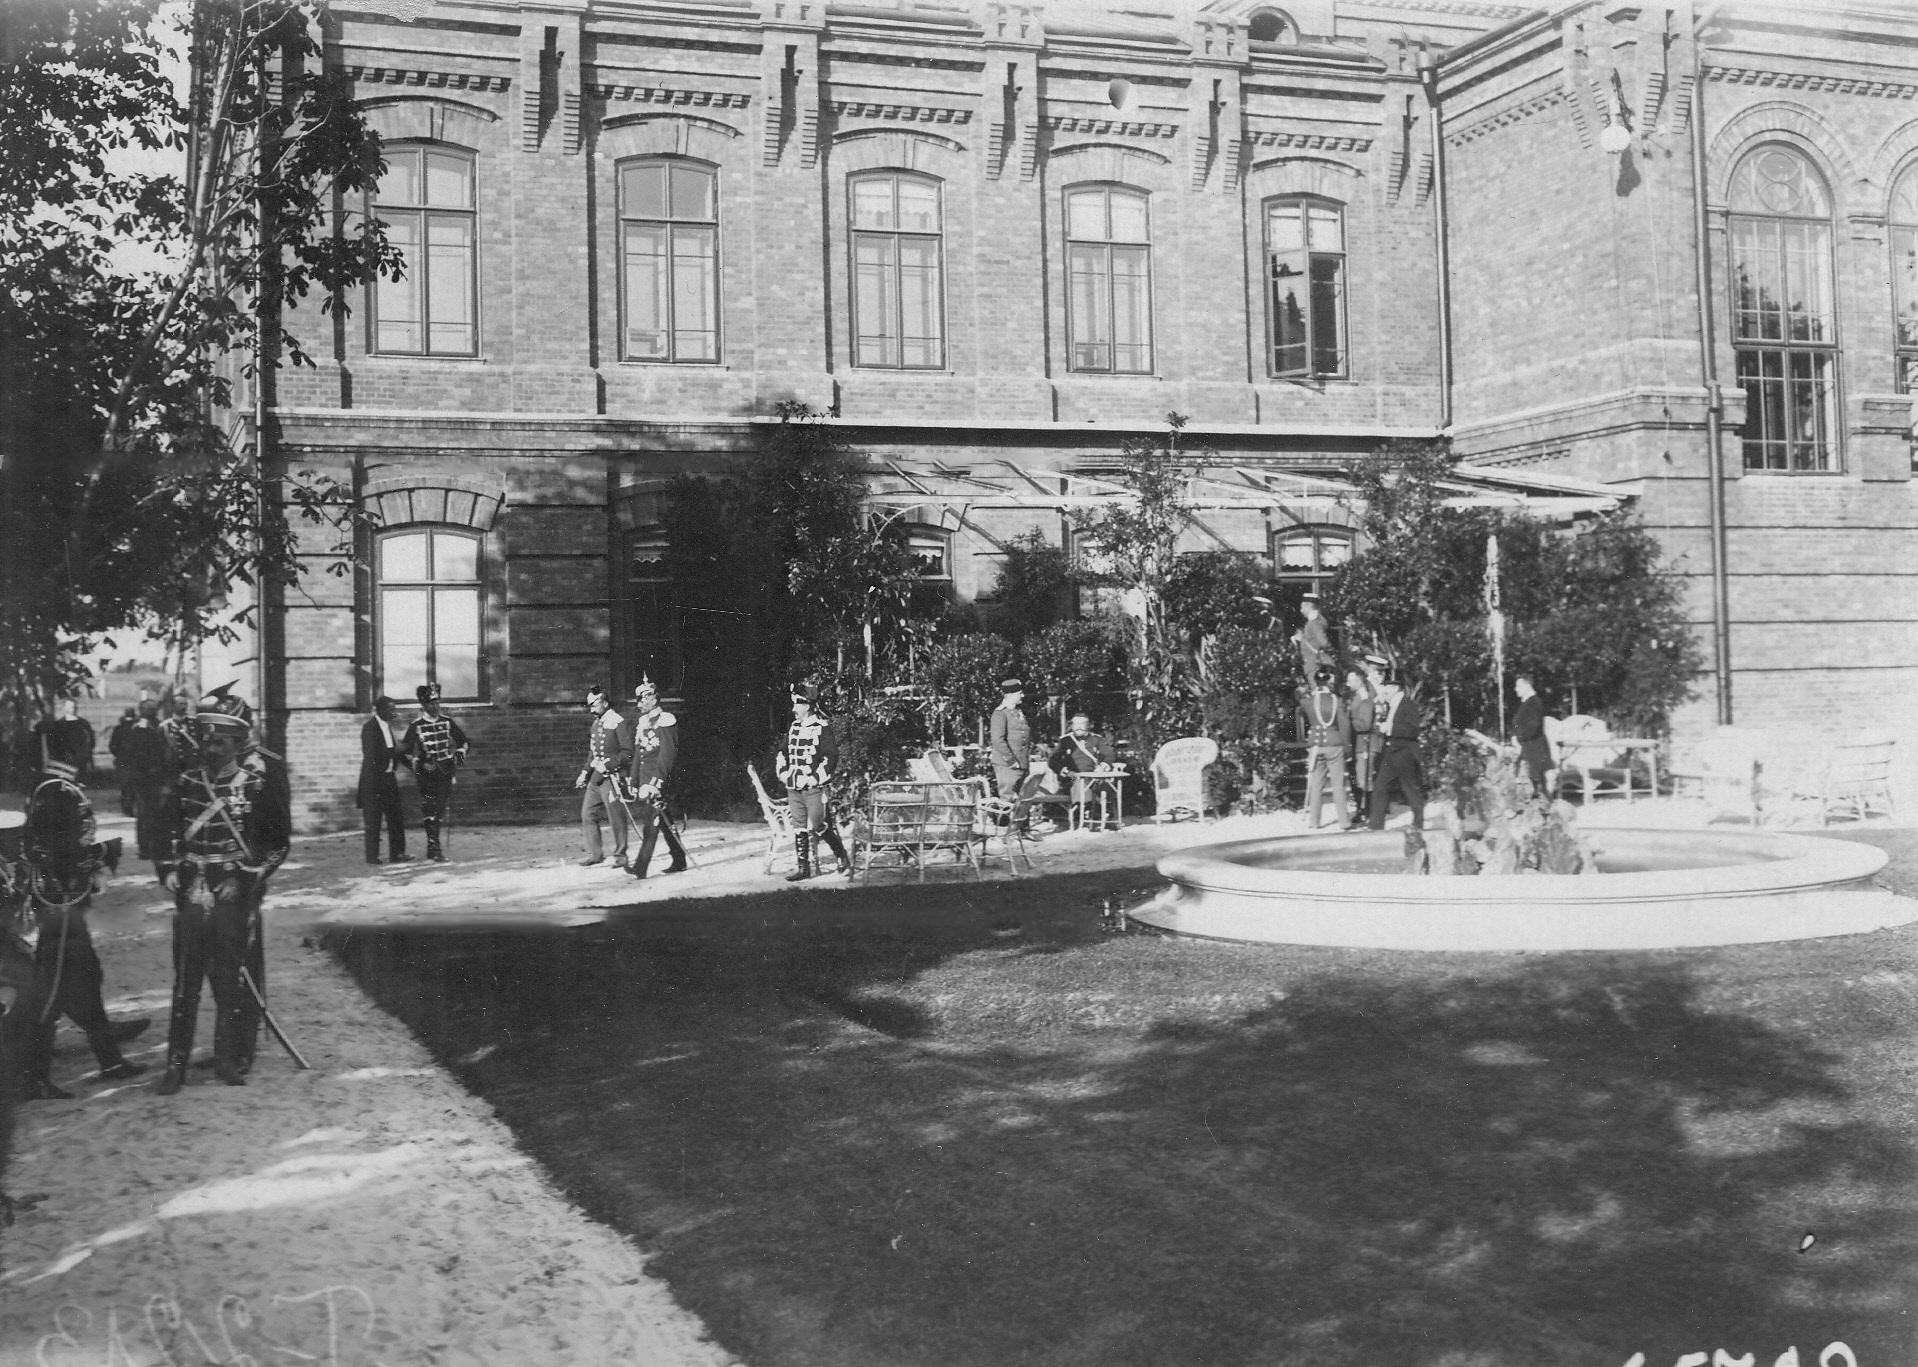 Офицеры германской армии, приехавшие на празднование 150-летнего юбилея полка, в саду